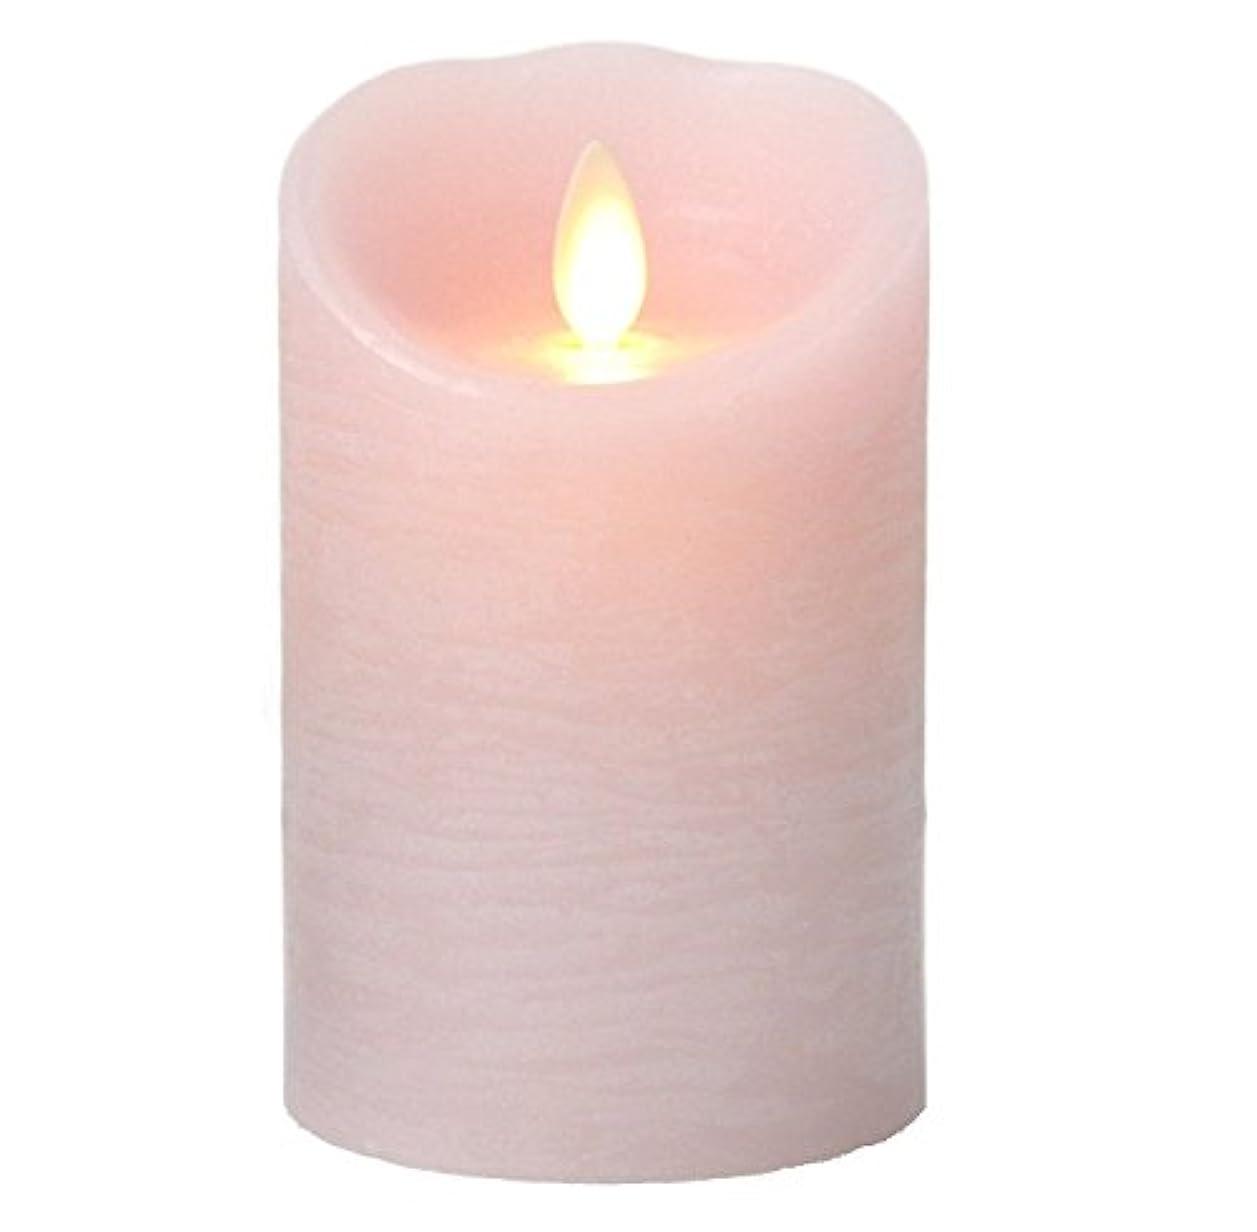 シェードシーフード創始者LUMINARA(ルミナラ)ピラー3×4【ギフトボックス付き】 「 ピンク 」 03070010BPK